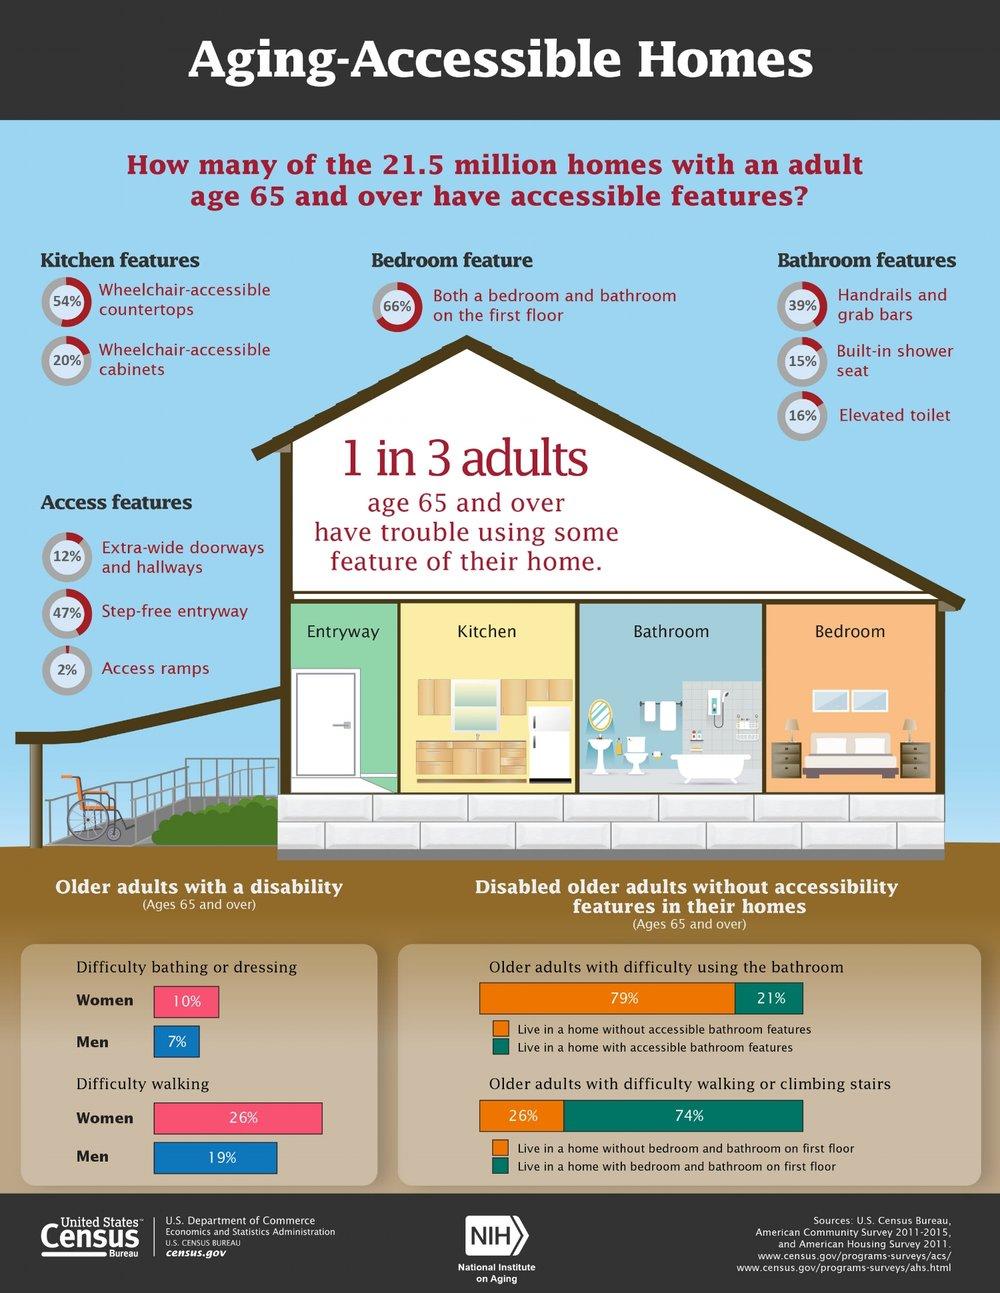 Image Source: U.S. Census Bureau June 2017